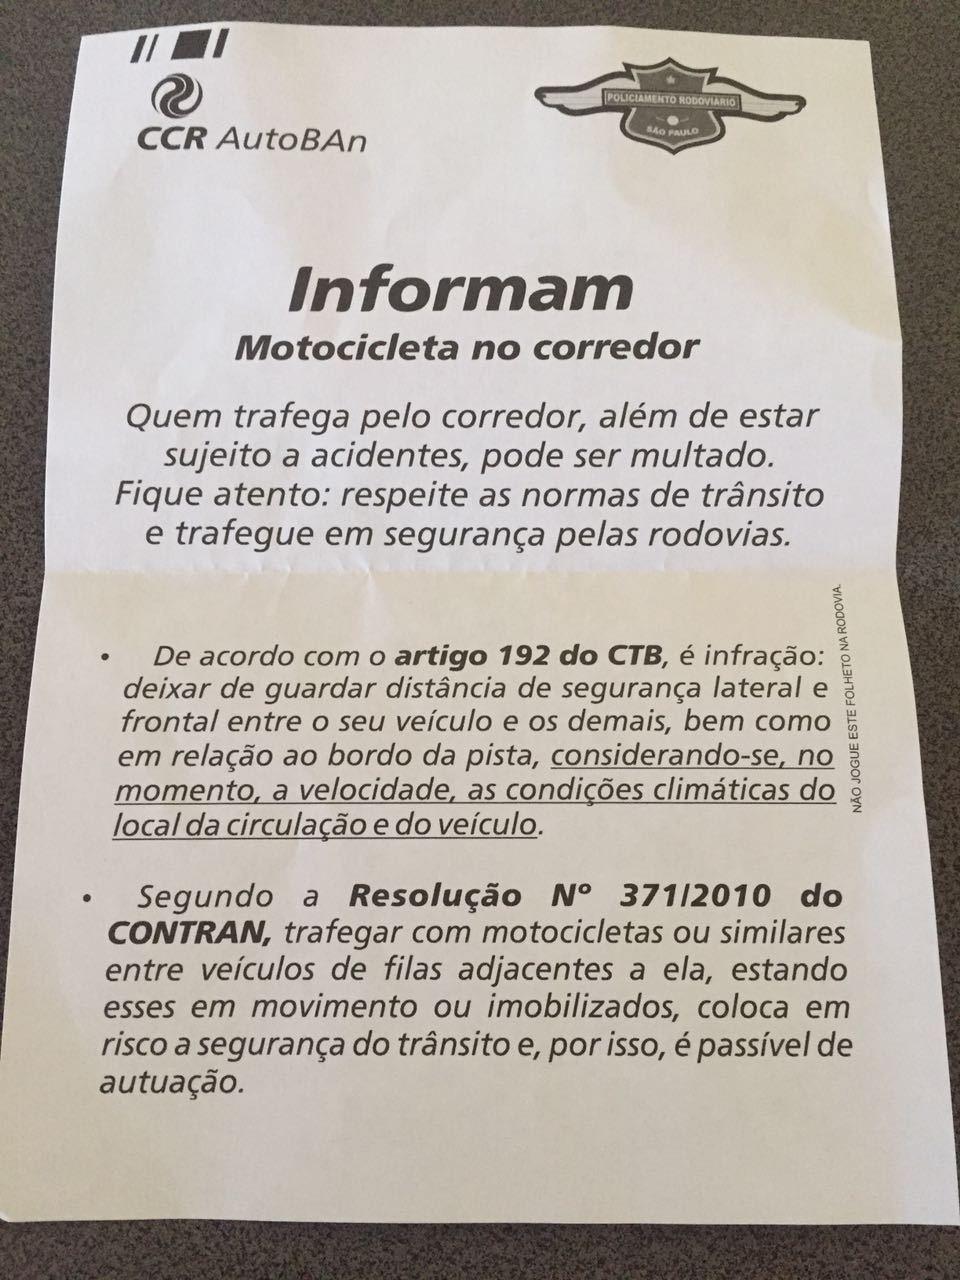 Polícia Militar multa indevidamente quem trafega em corredor - Prisma - R7  Moto Segurança e Trânsito 0121249cd3